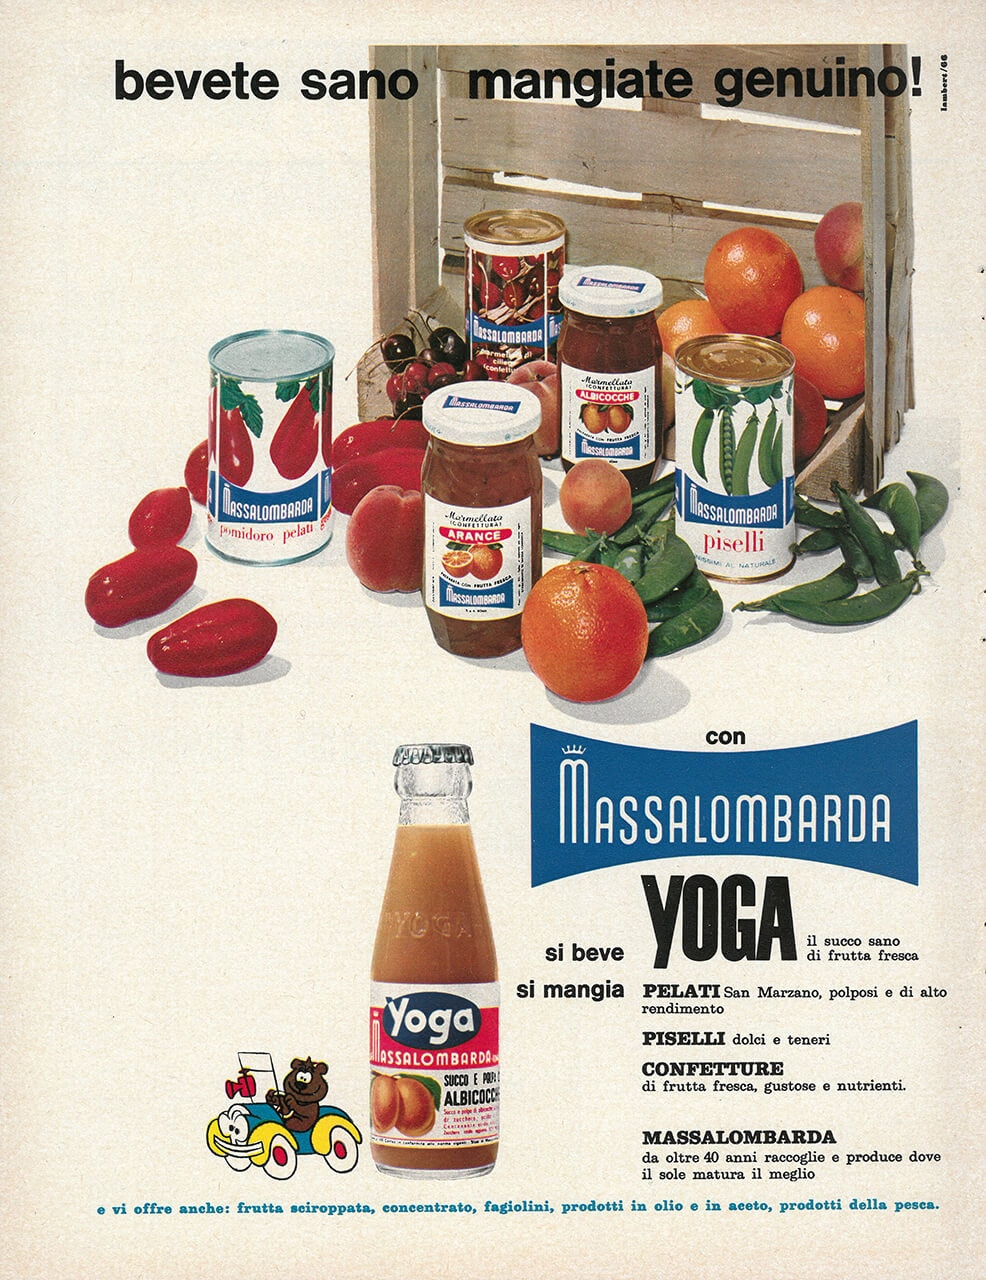 Yoga_Storia_1960_1970_2.3